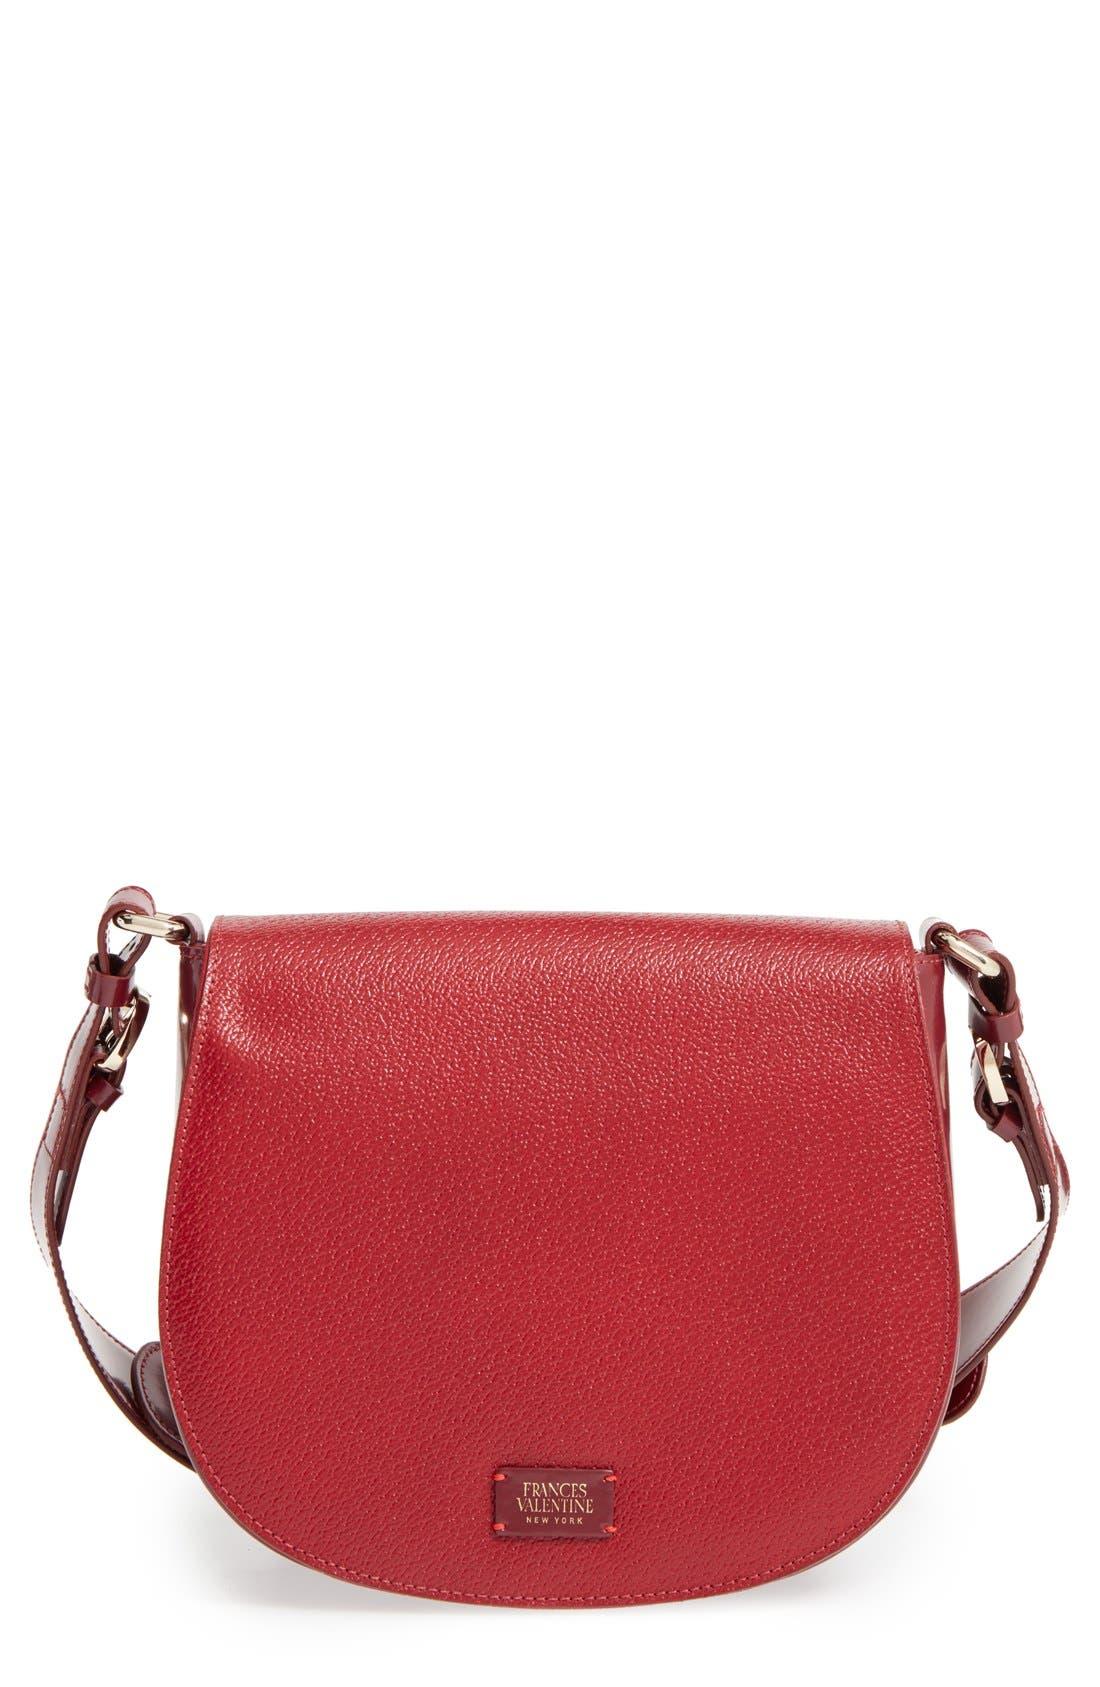 Main Image - Frances Valentine 'Small Ellen' Leather Shoulder Bag